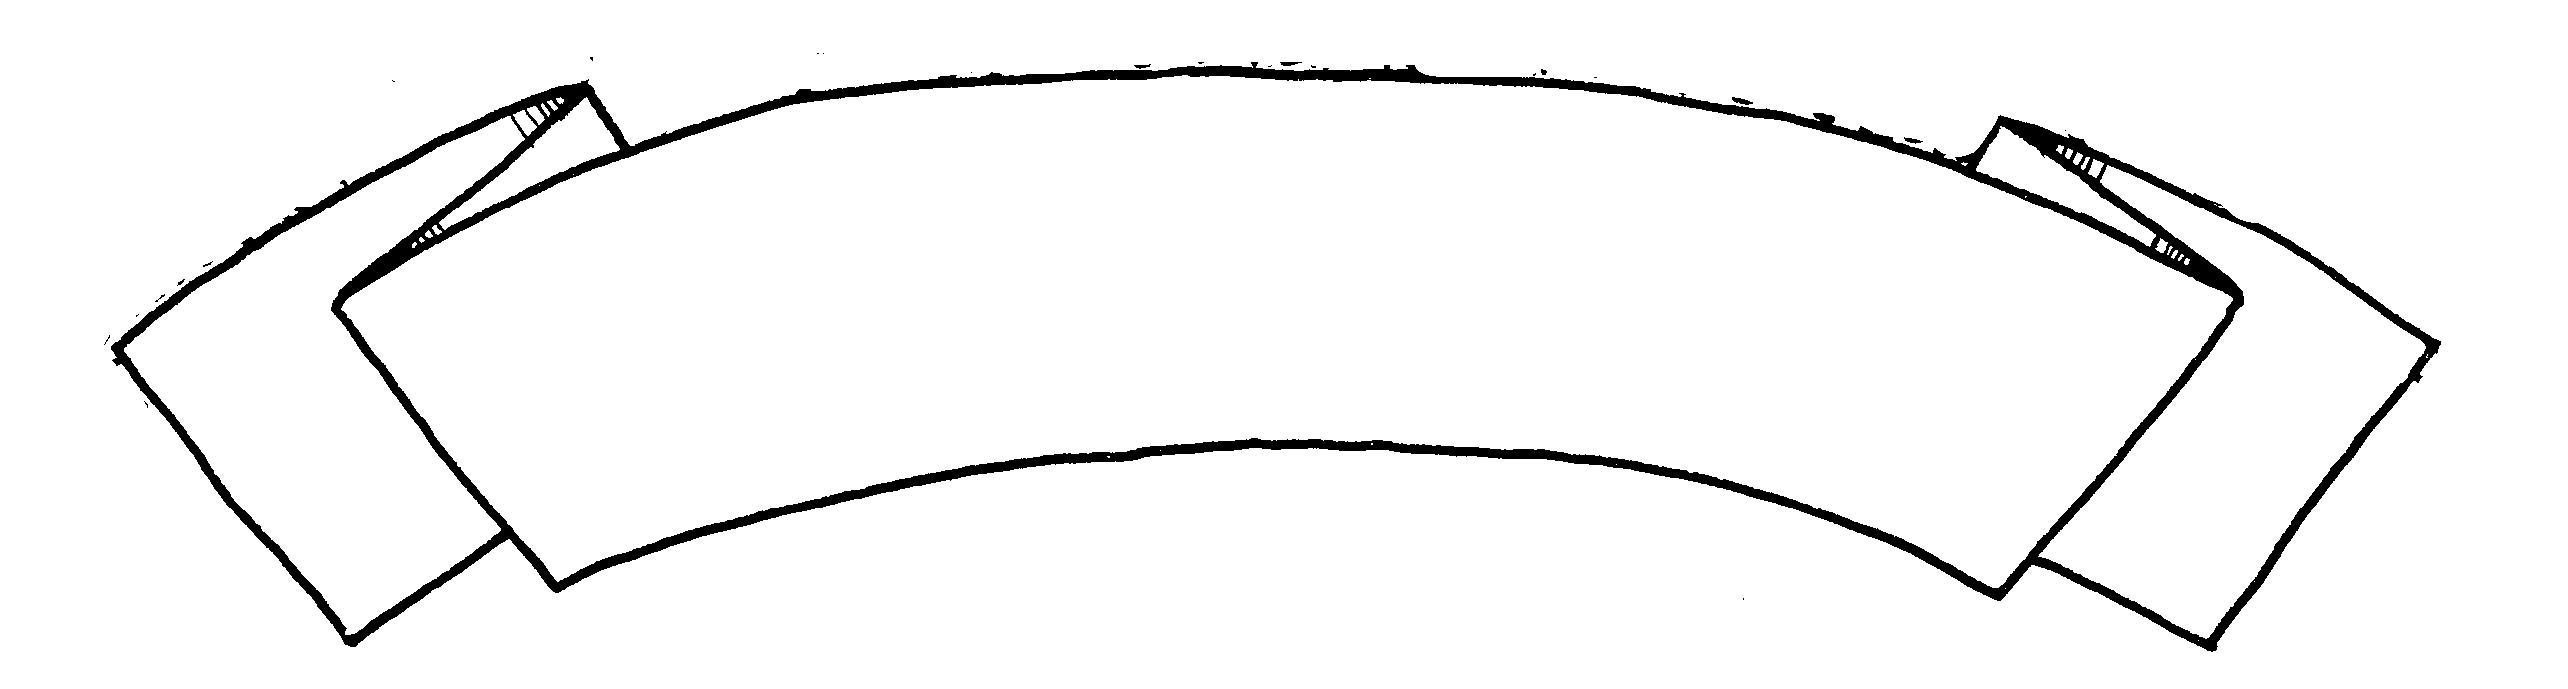 2568x689 Clip Art Banner